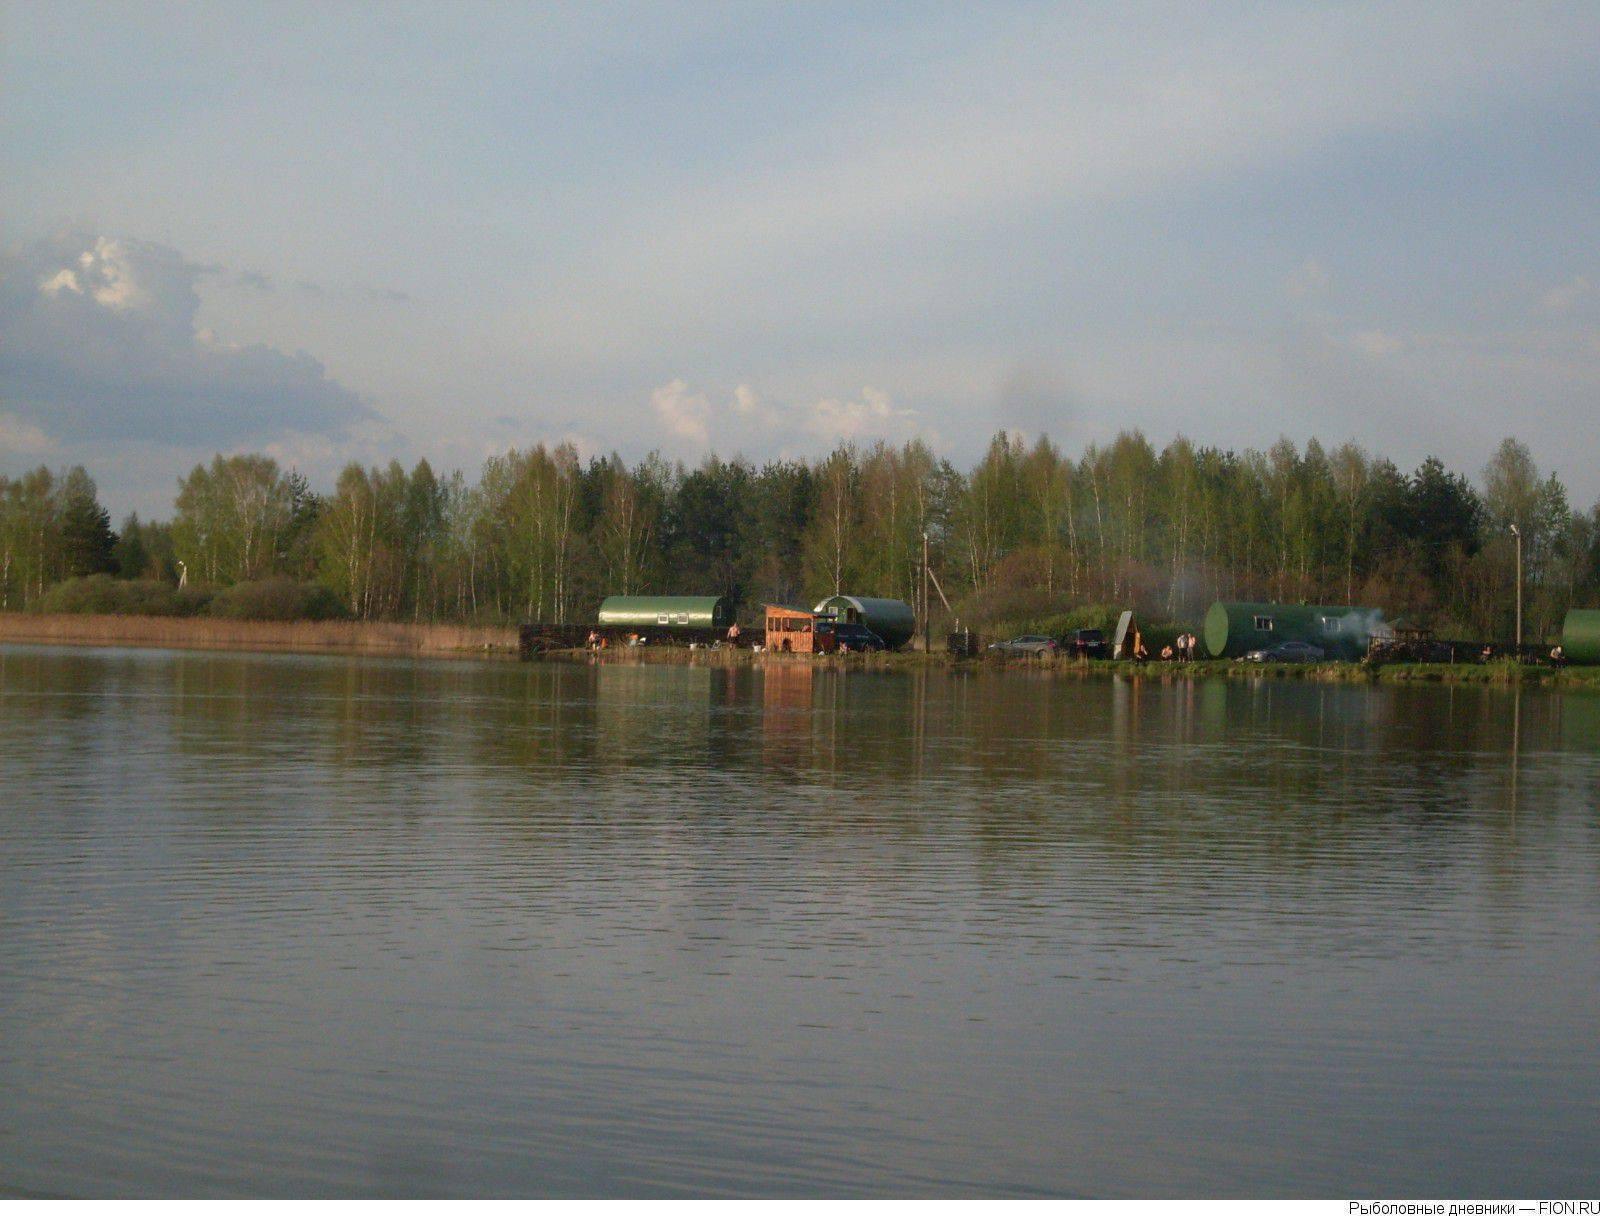 Рыбалка в чеховском районе московской области: лучшие места для ловли, какая рыба водится